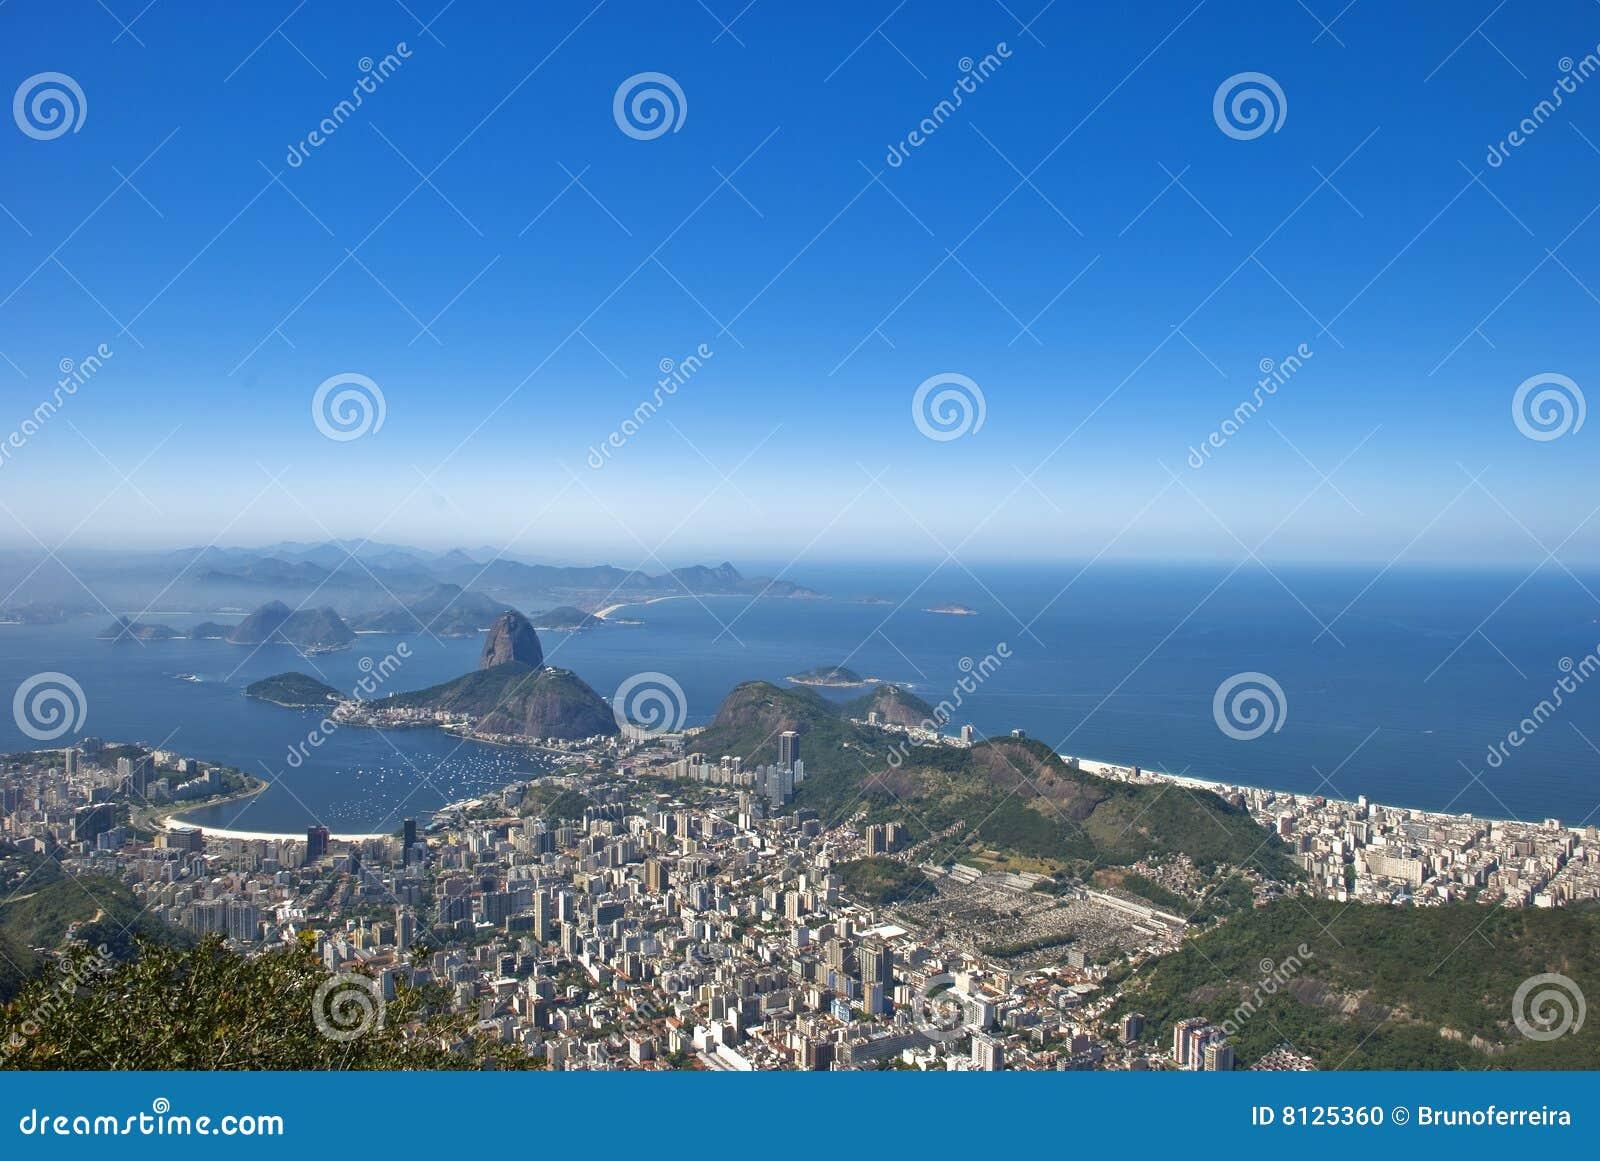 Geographie von Rio de Janeiro